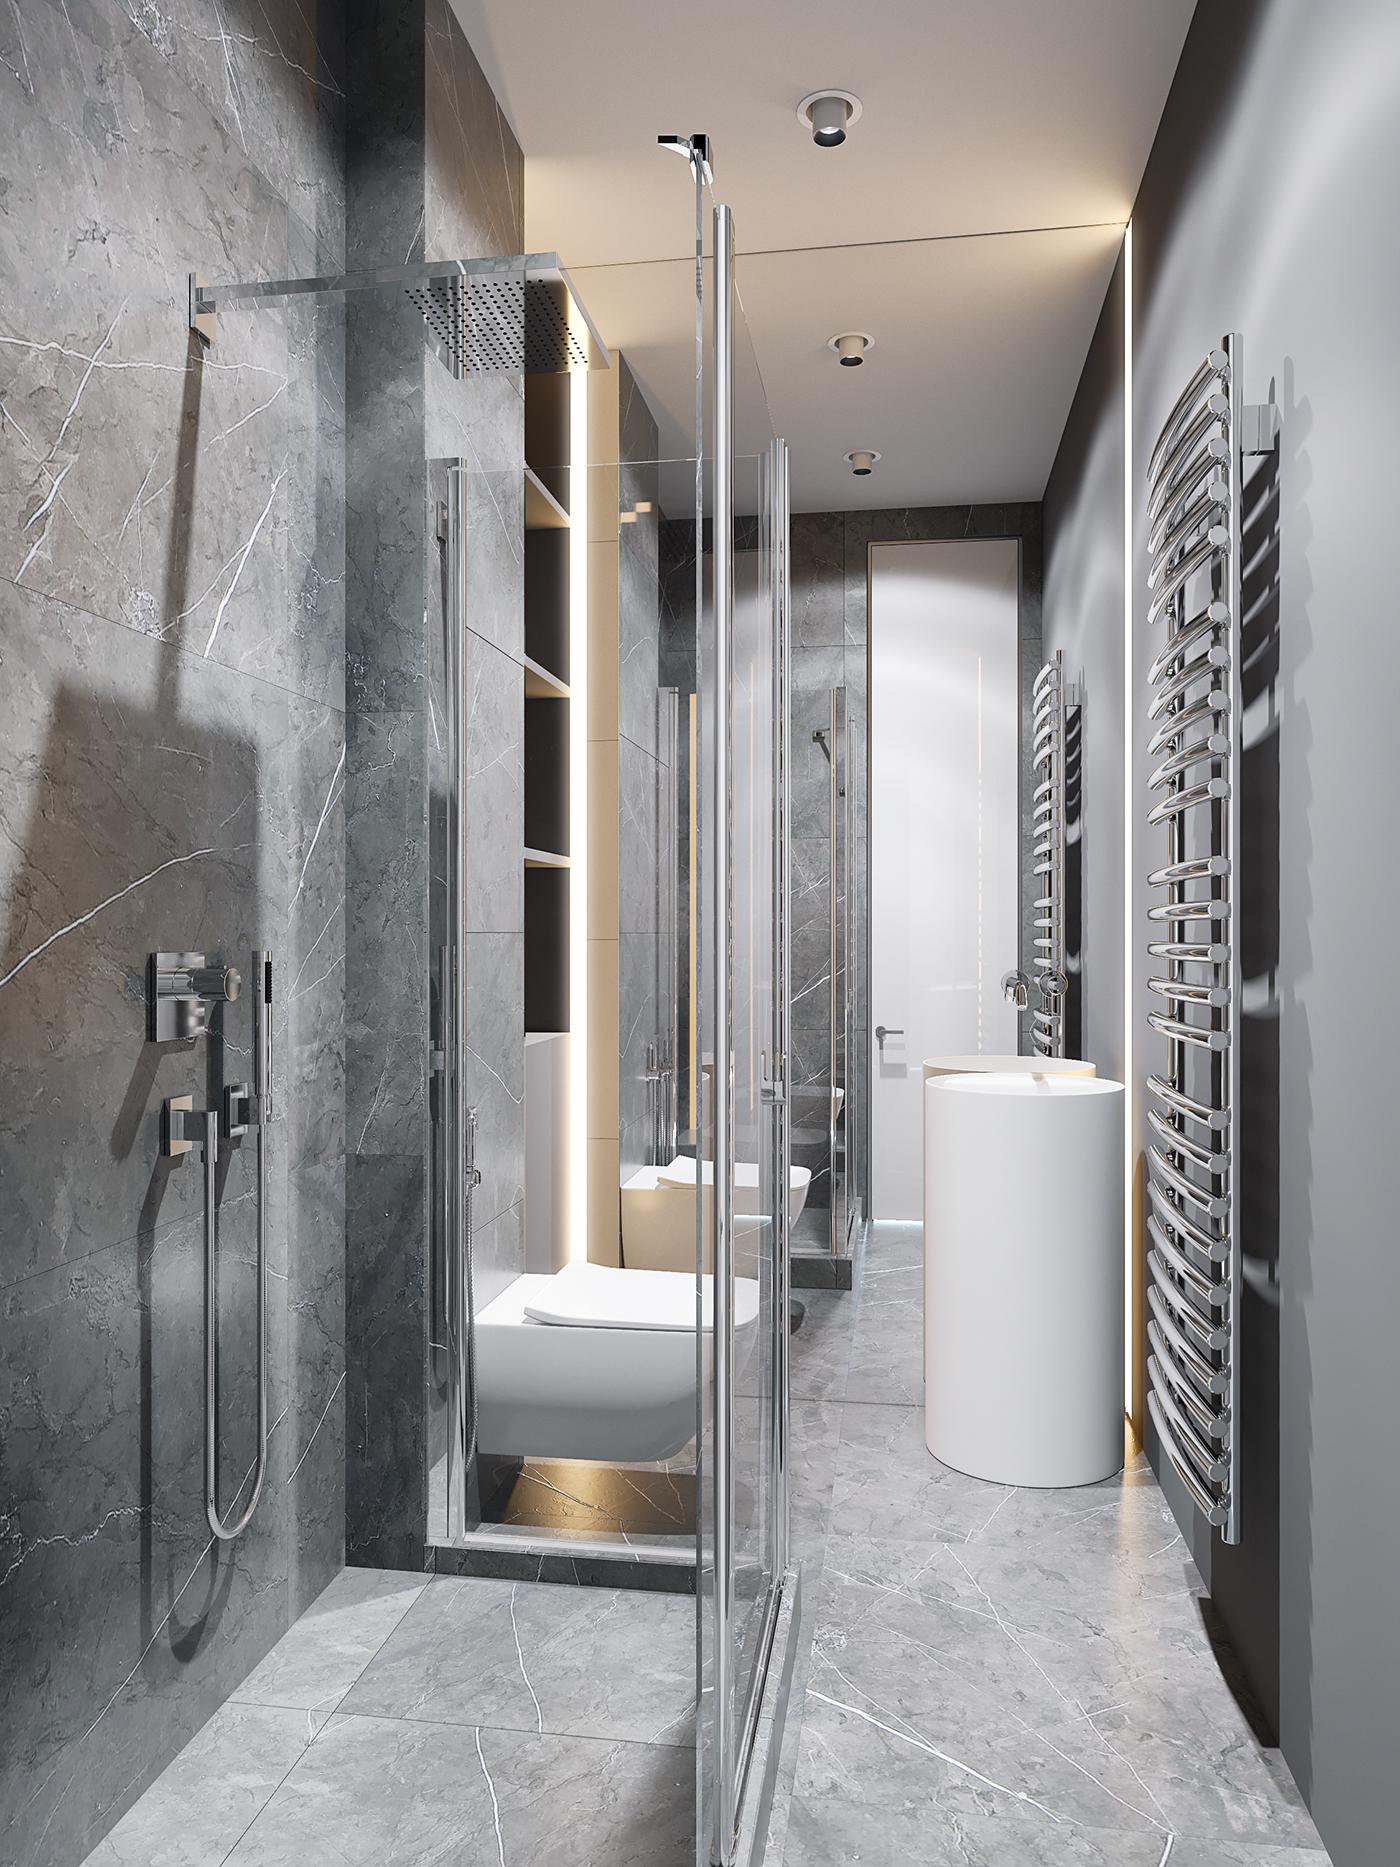 Badkamers voorbeelden - Moderne luxe badkamer ...